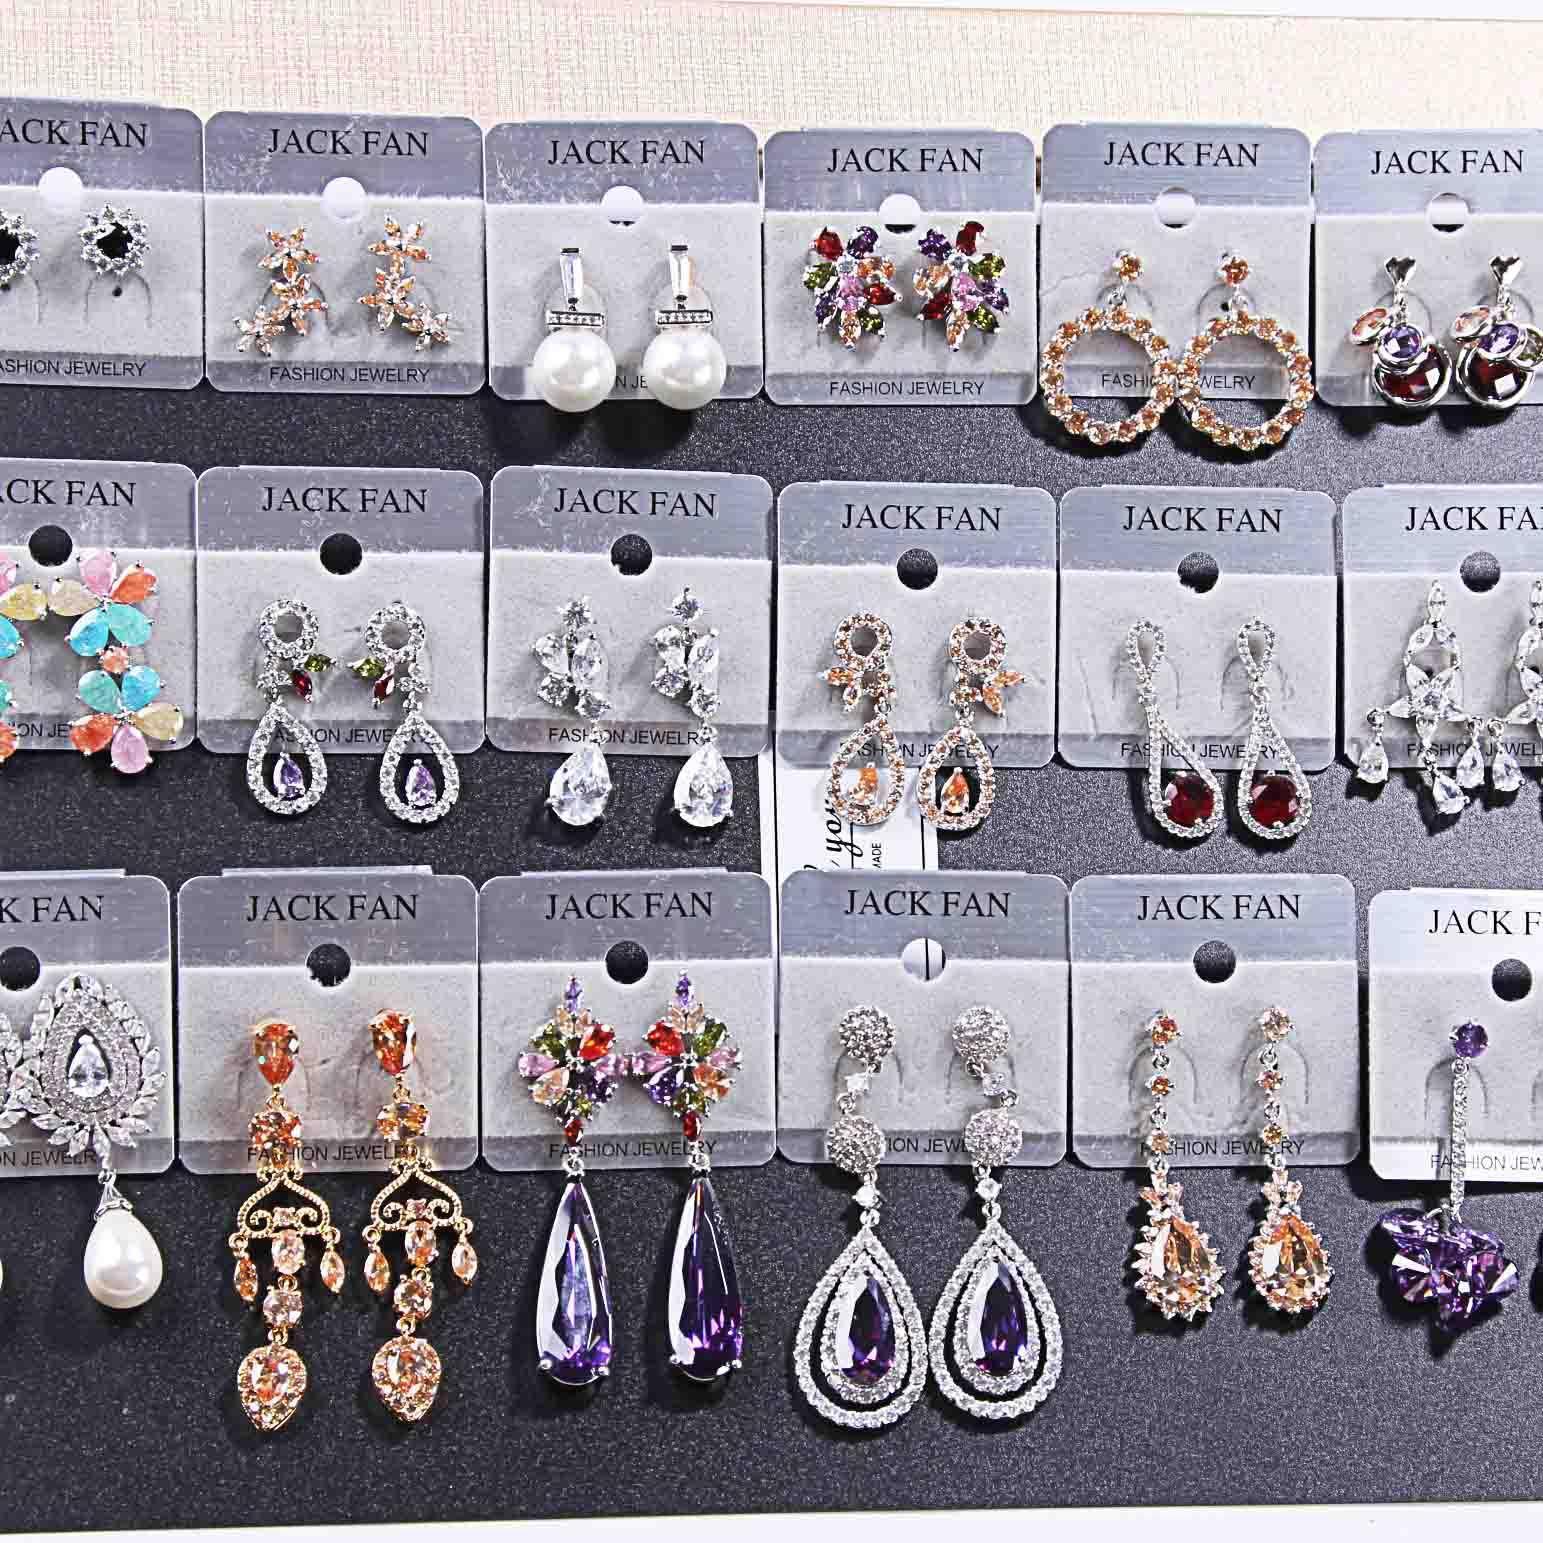 2018 Hot vente délicate Extravagant Perle zircon pierres précieuses cristal Boucles D'oreilles Mélanger 15 Style 15 paires Fille / Madame Mode Boucles D'oreilles